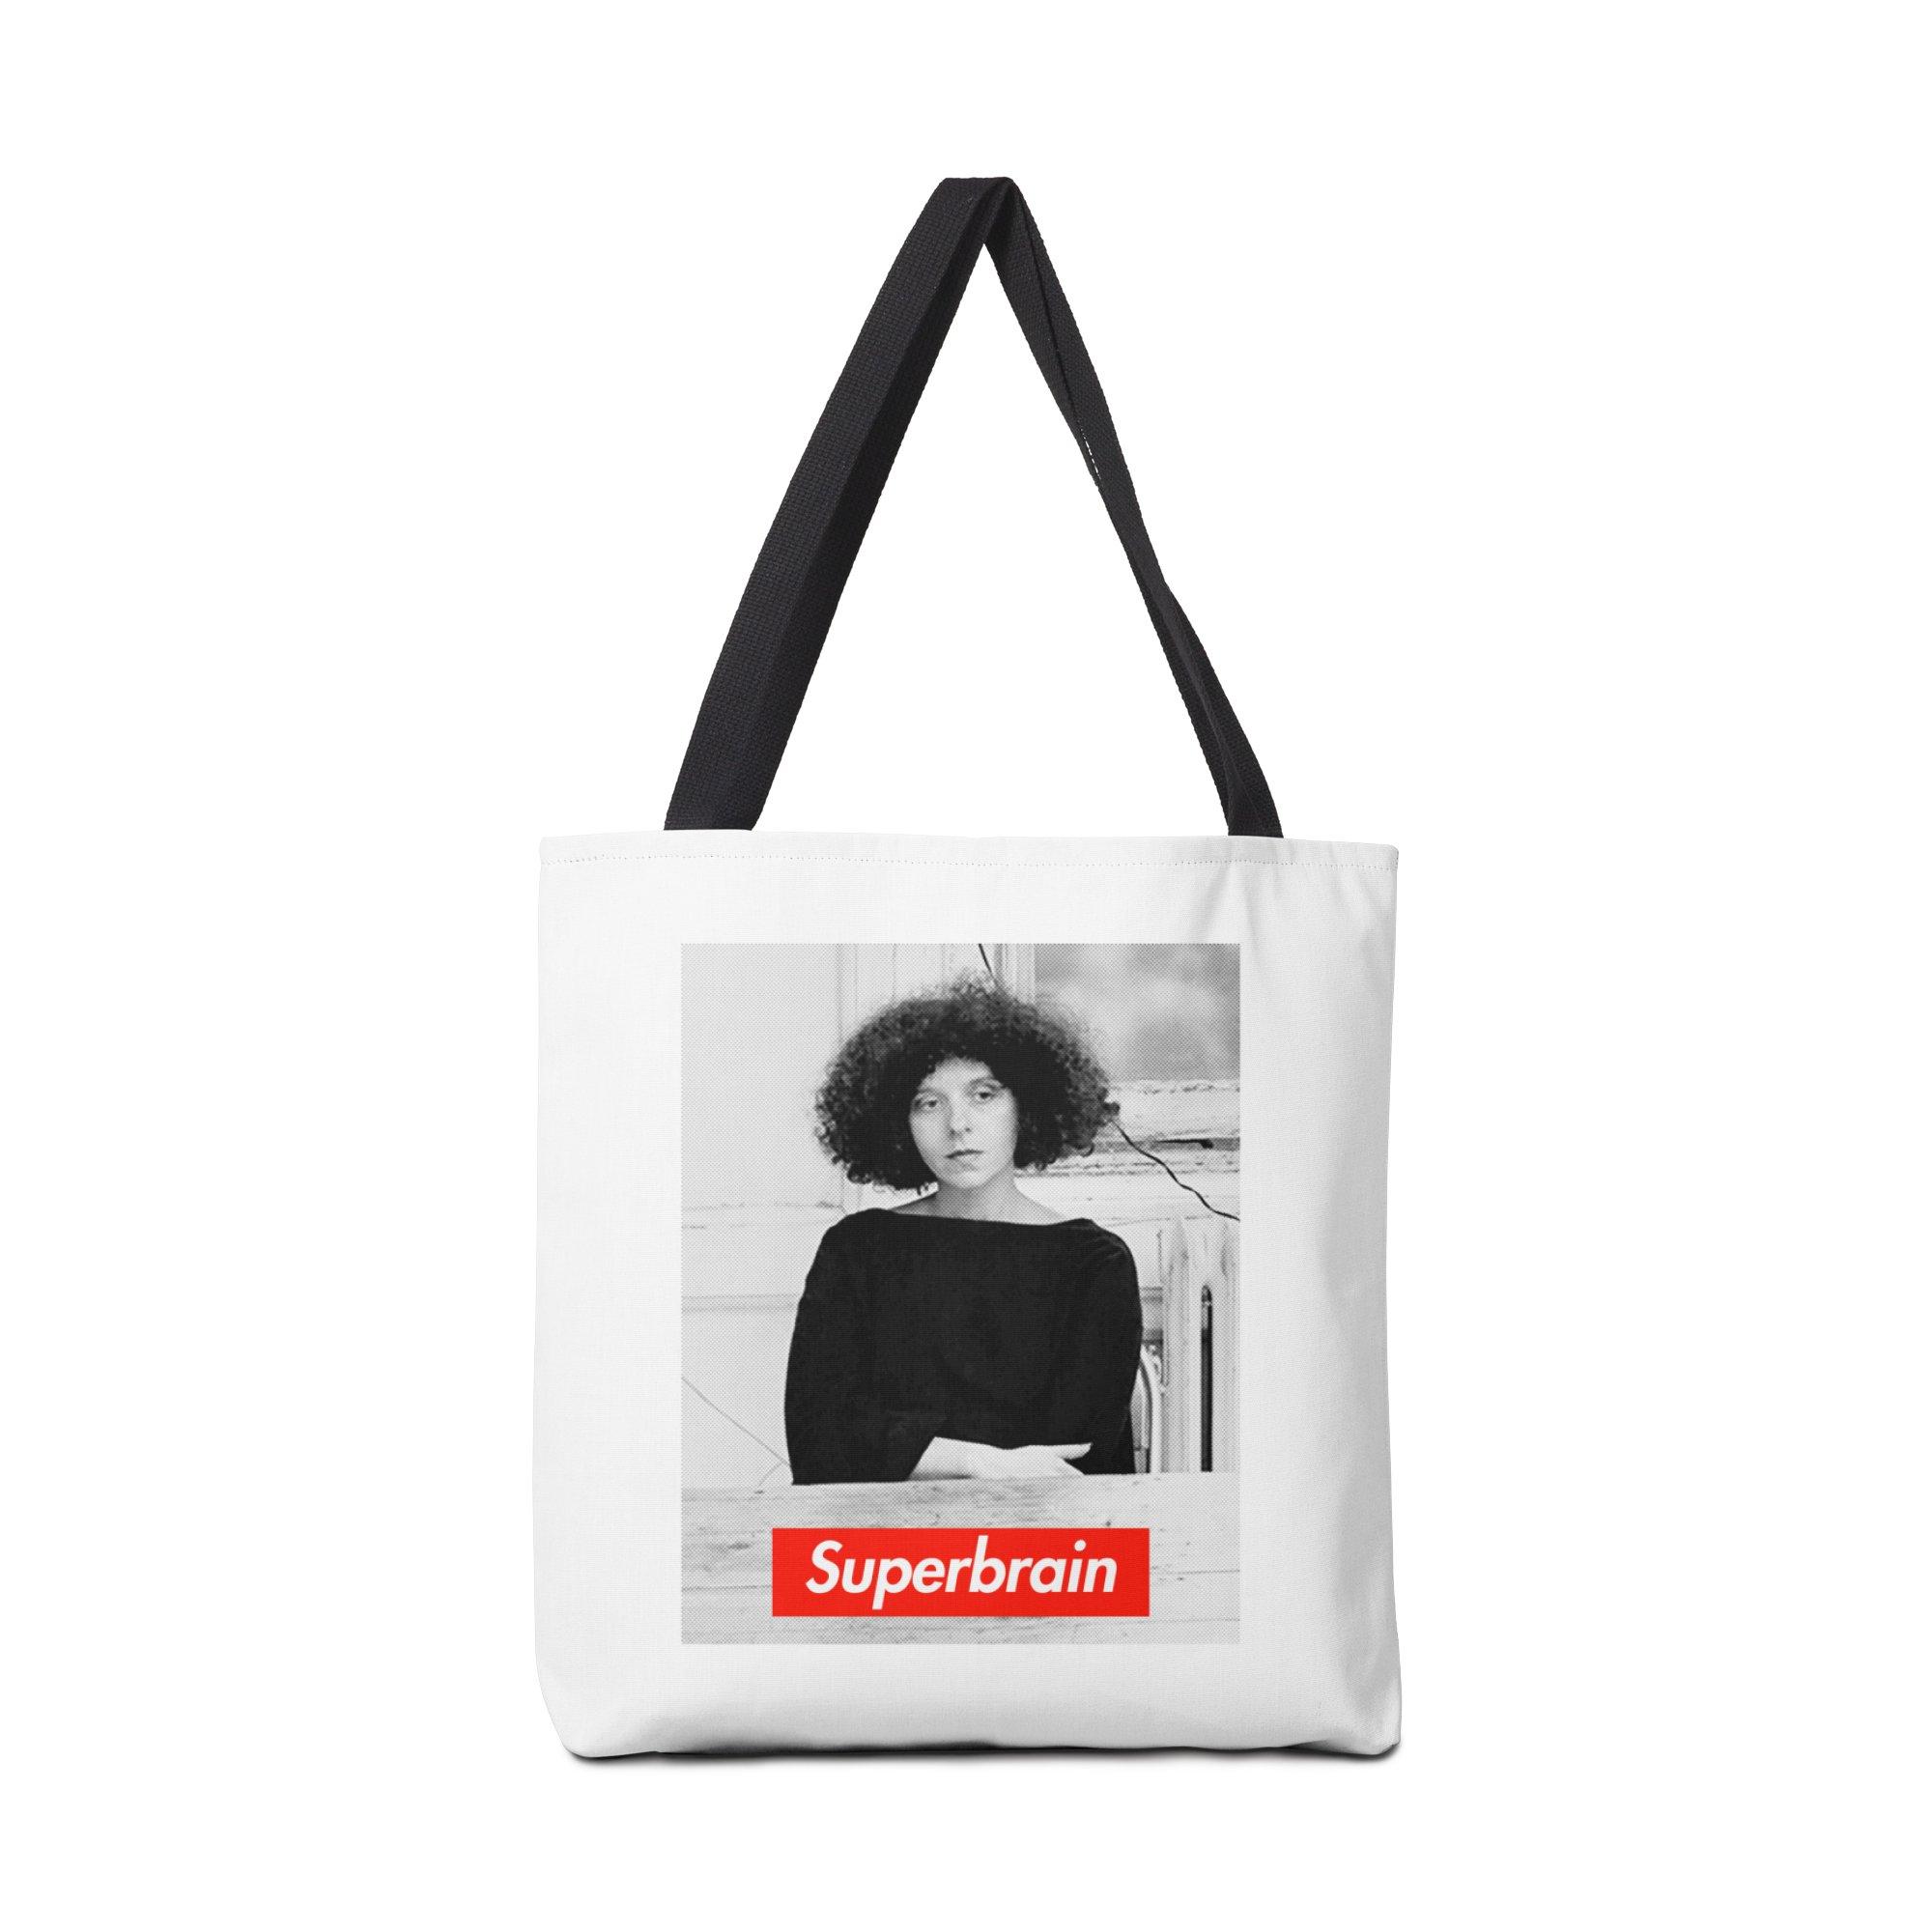 Superbrain - Barbara Kruger Accessories by WeandJeeb's Artist Shop